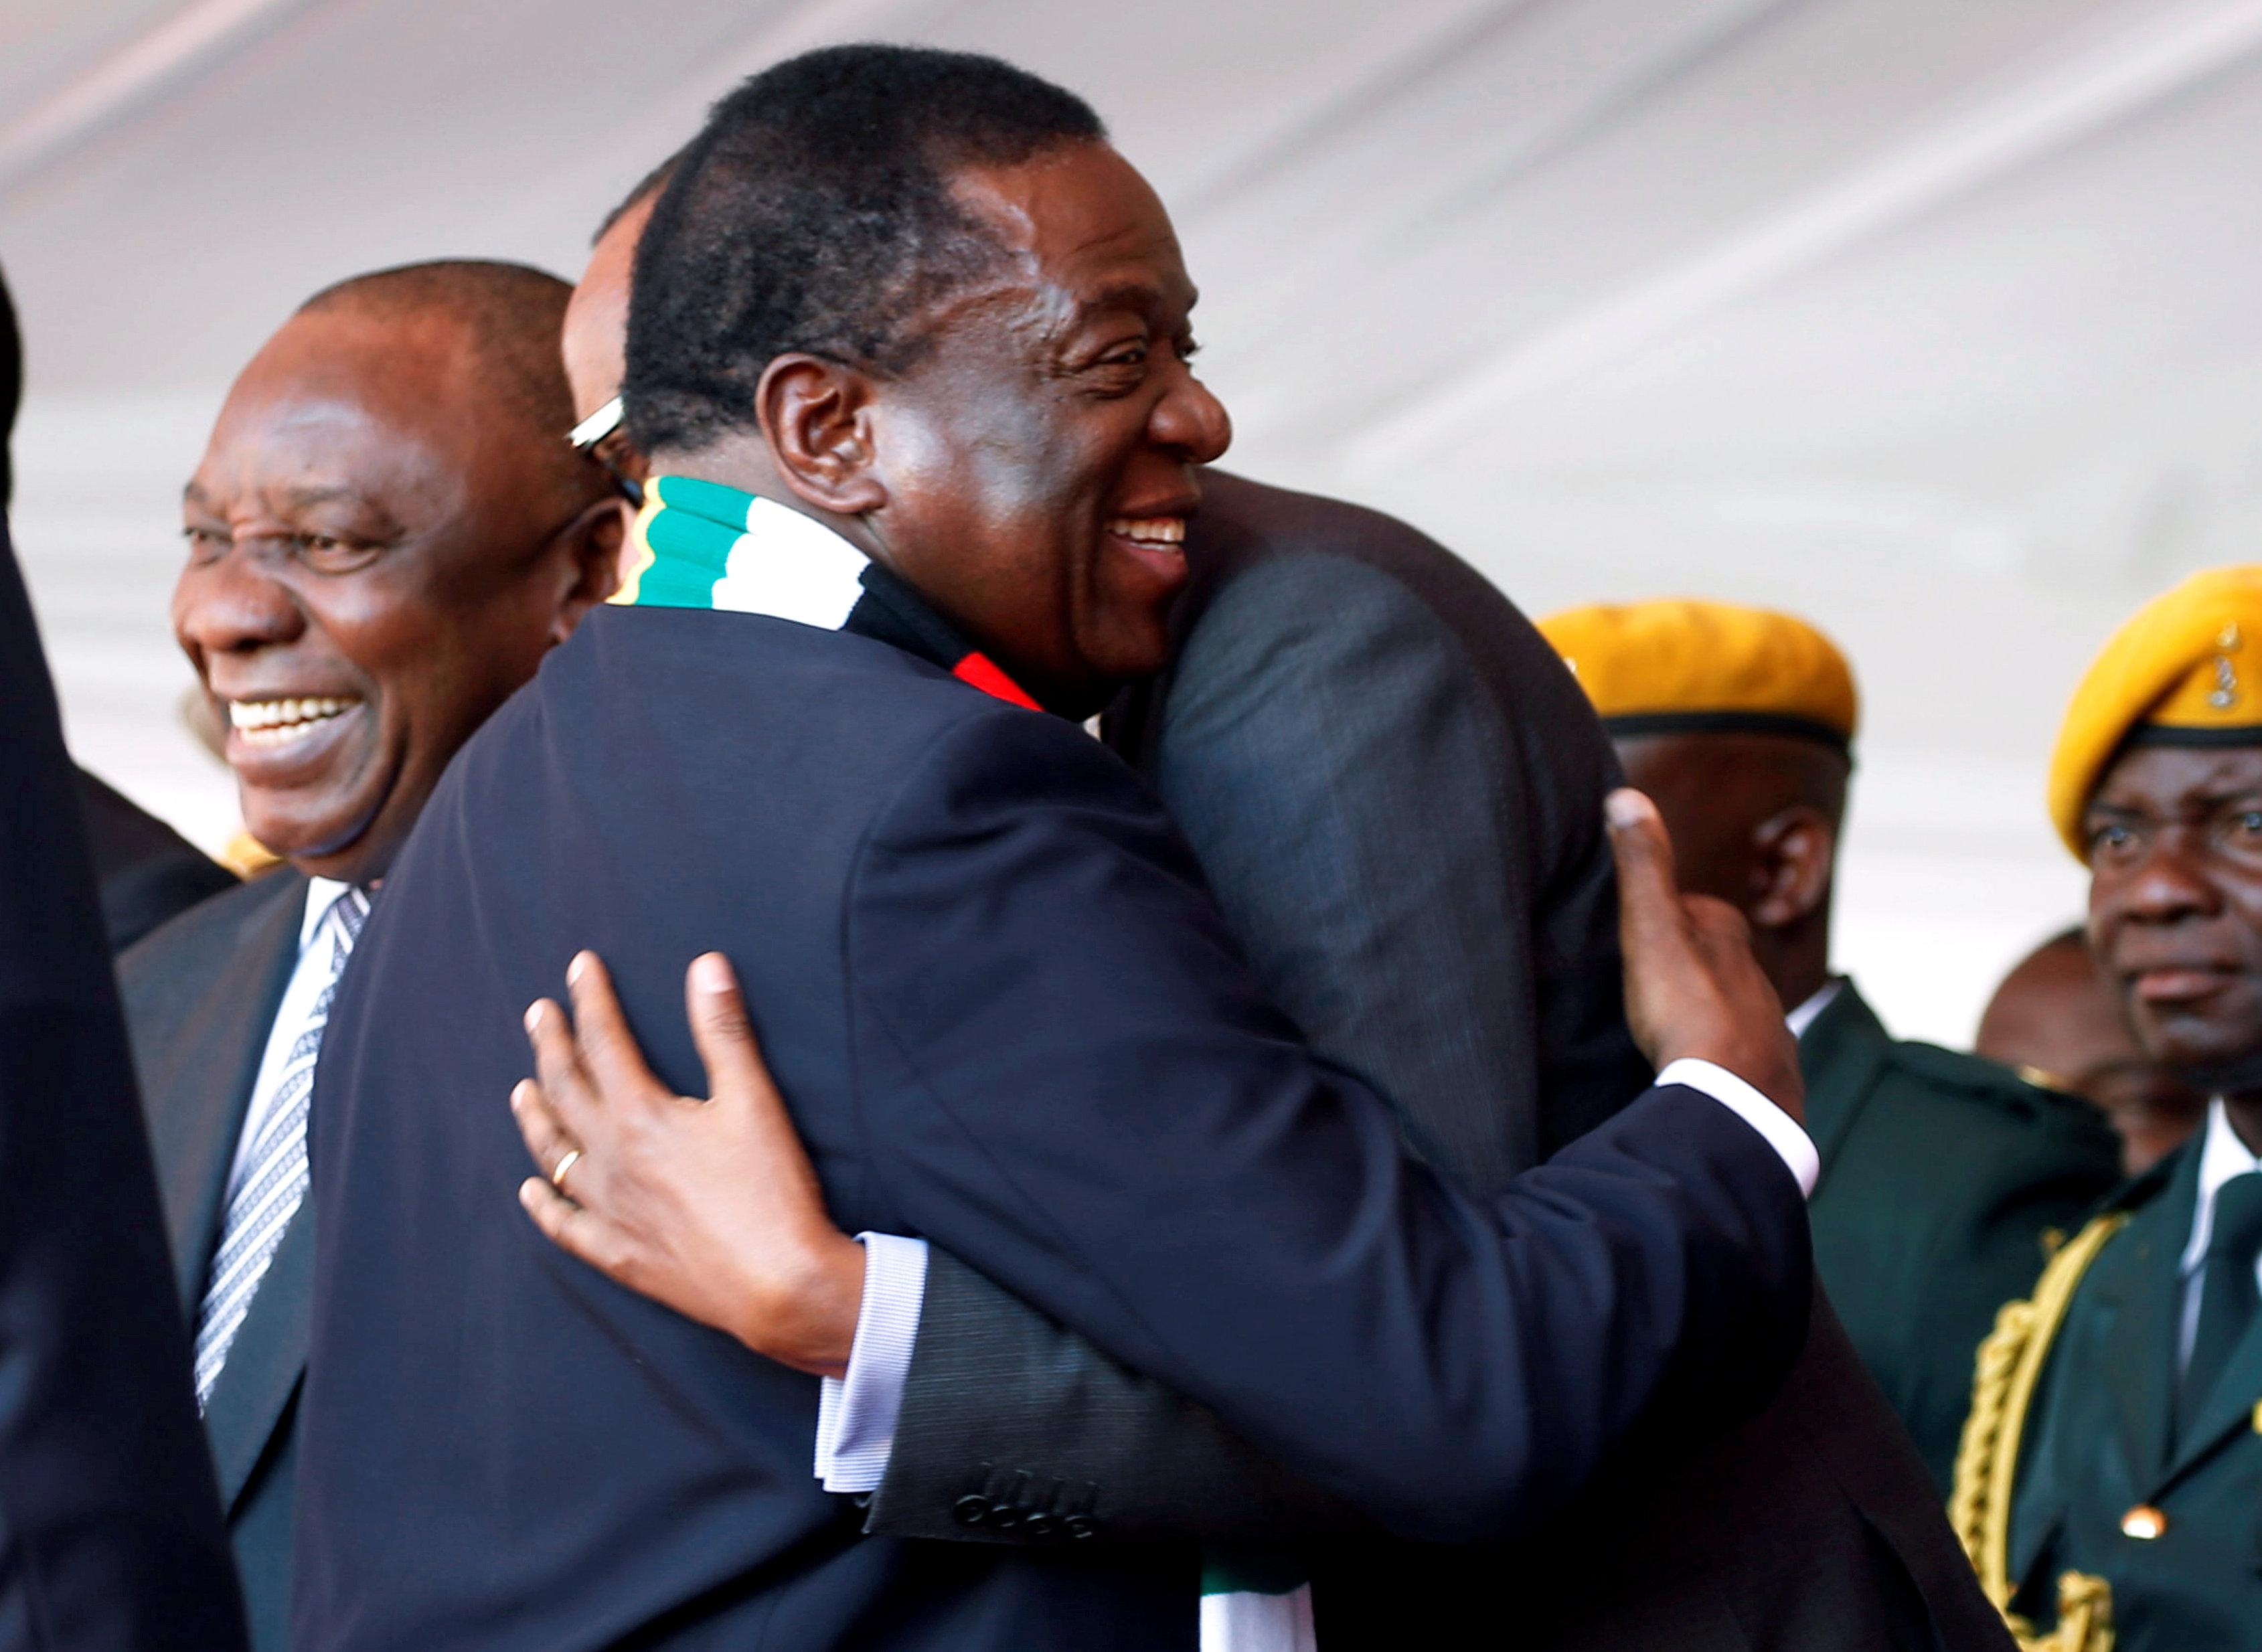 رئيس زيمبابوى يحيى رئيس رواندا